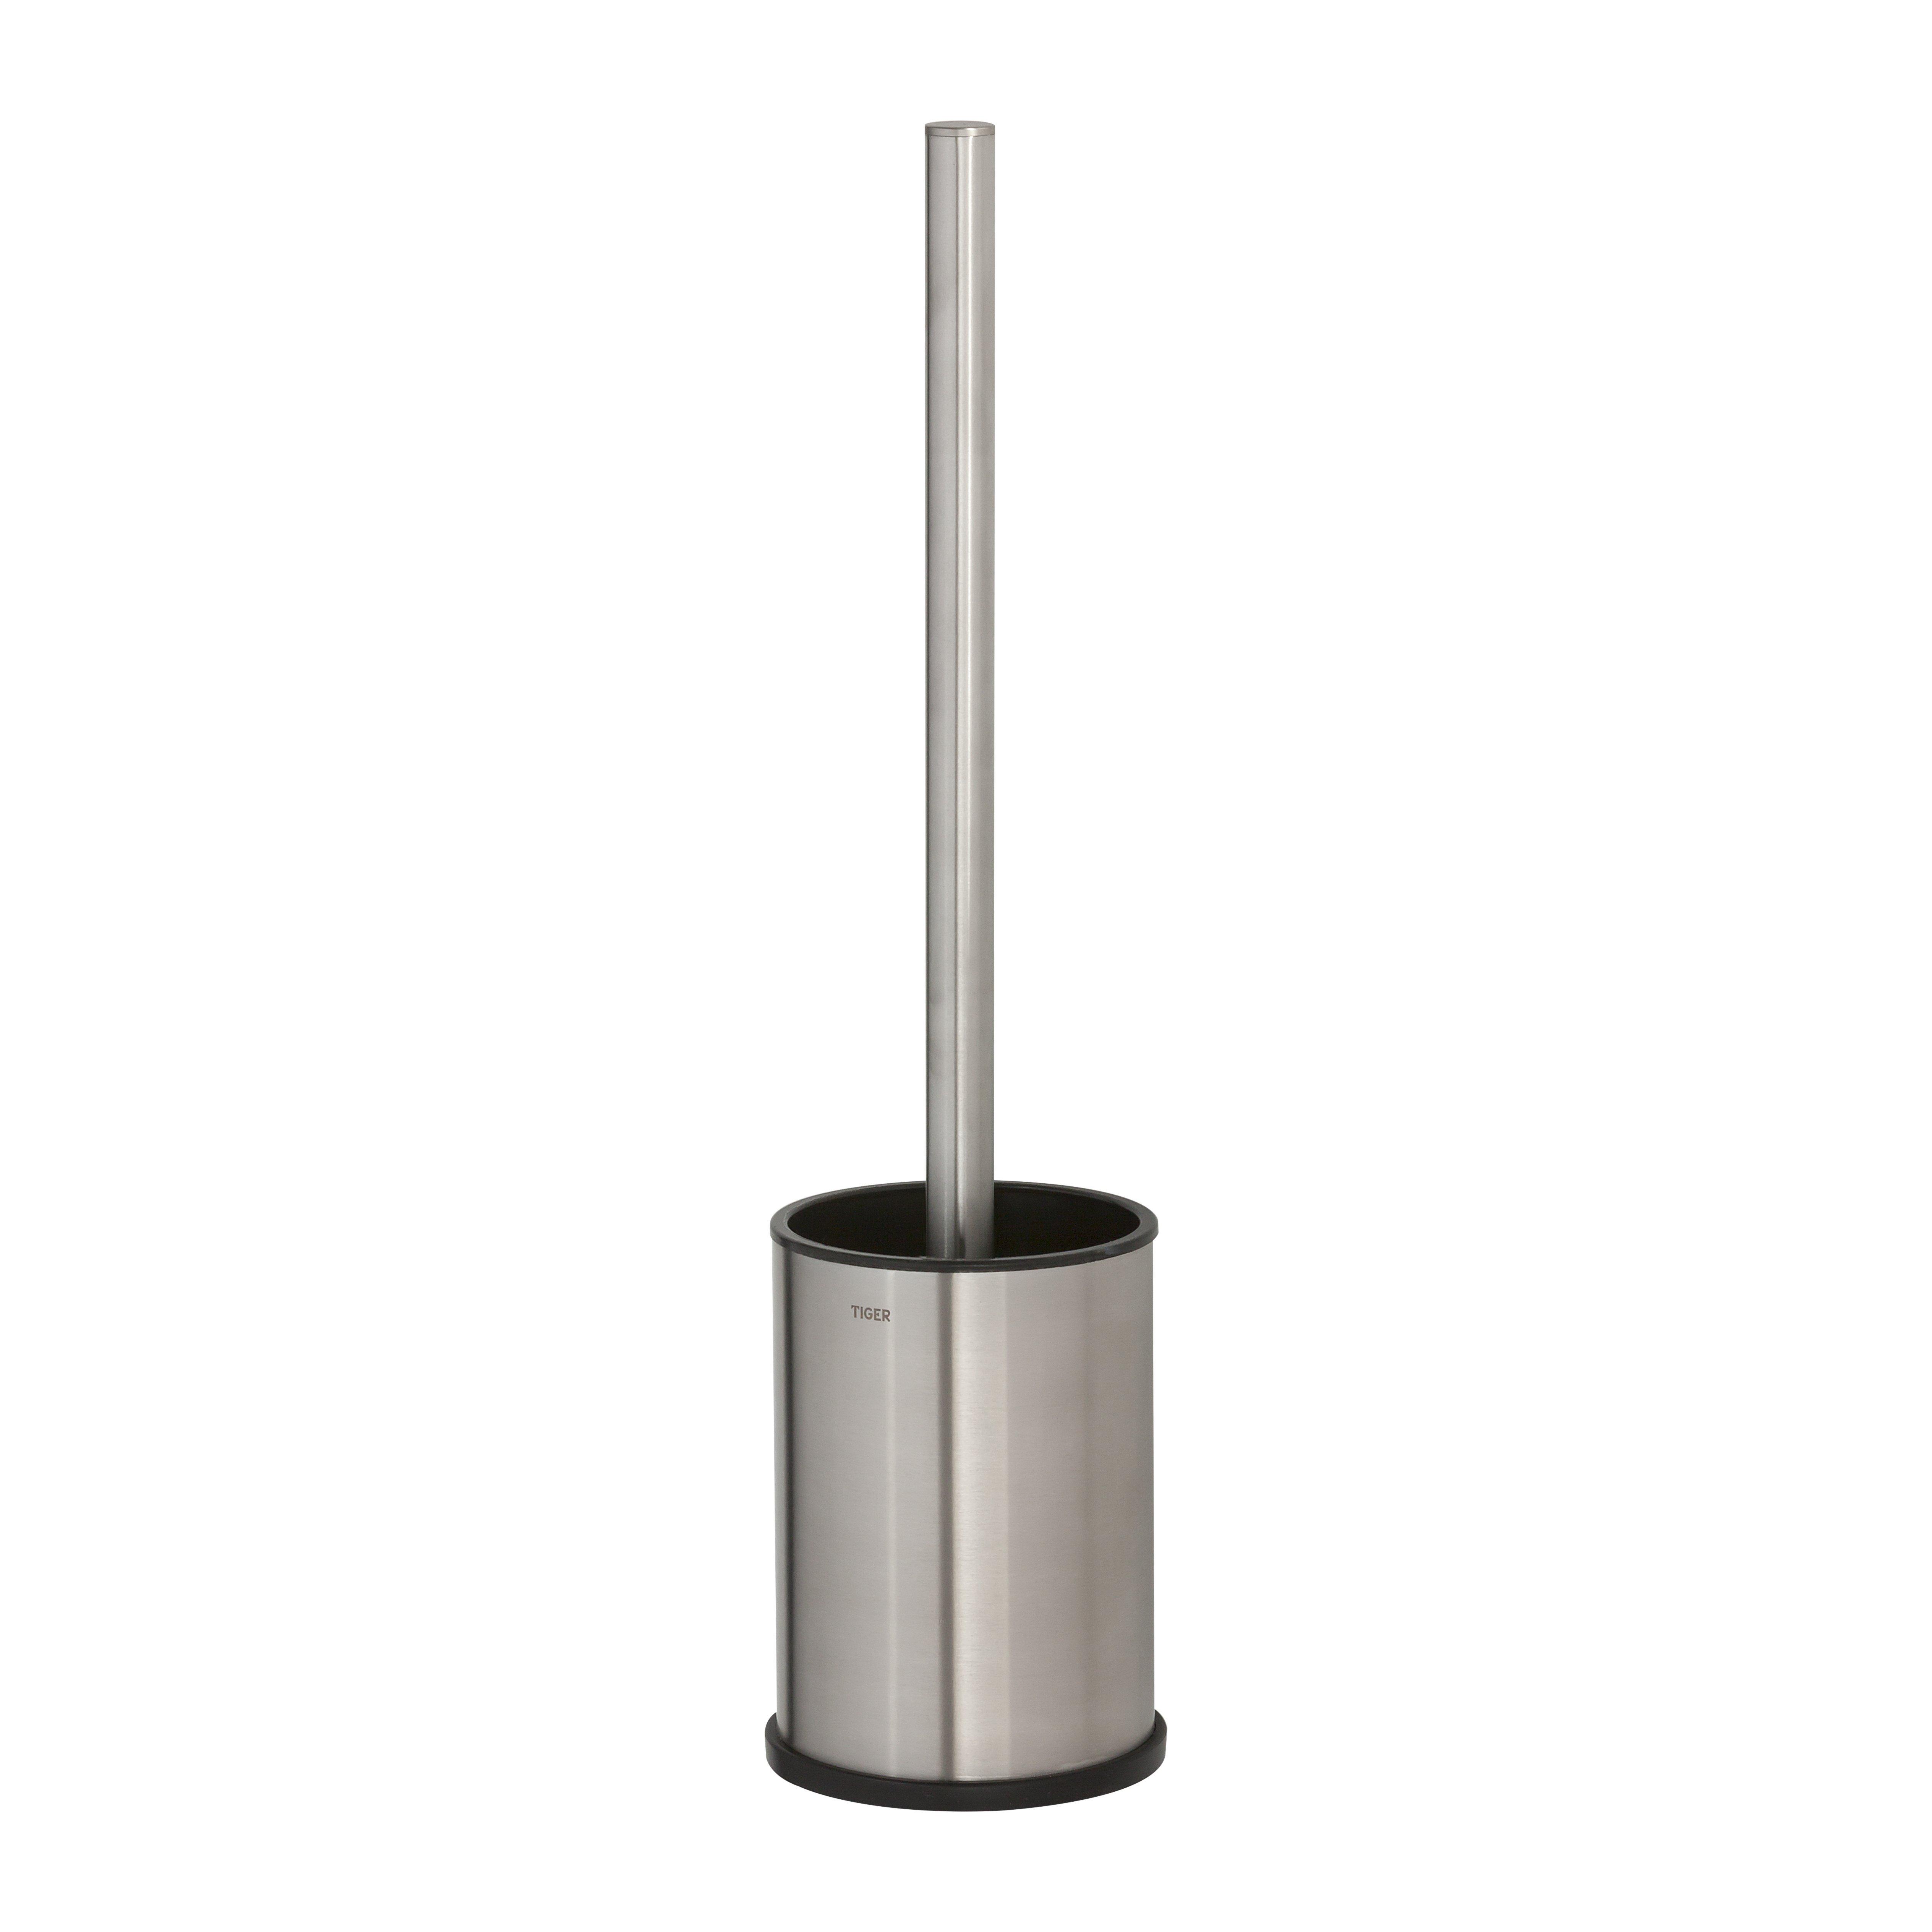 Tiger Colar vrijstaande toiletborstelgarnituur 9.3 x 38.4 cm geborsteld RVS